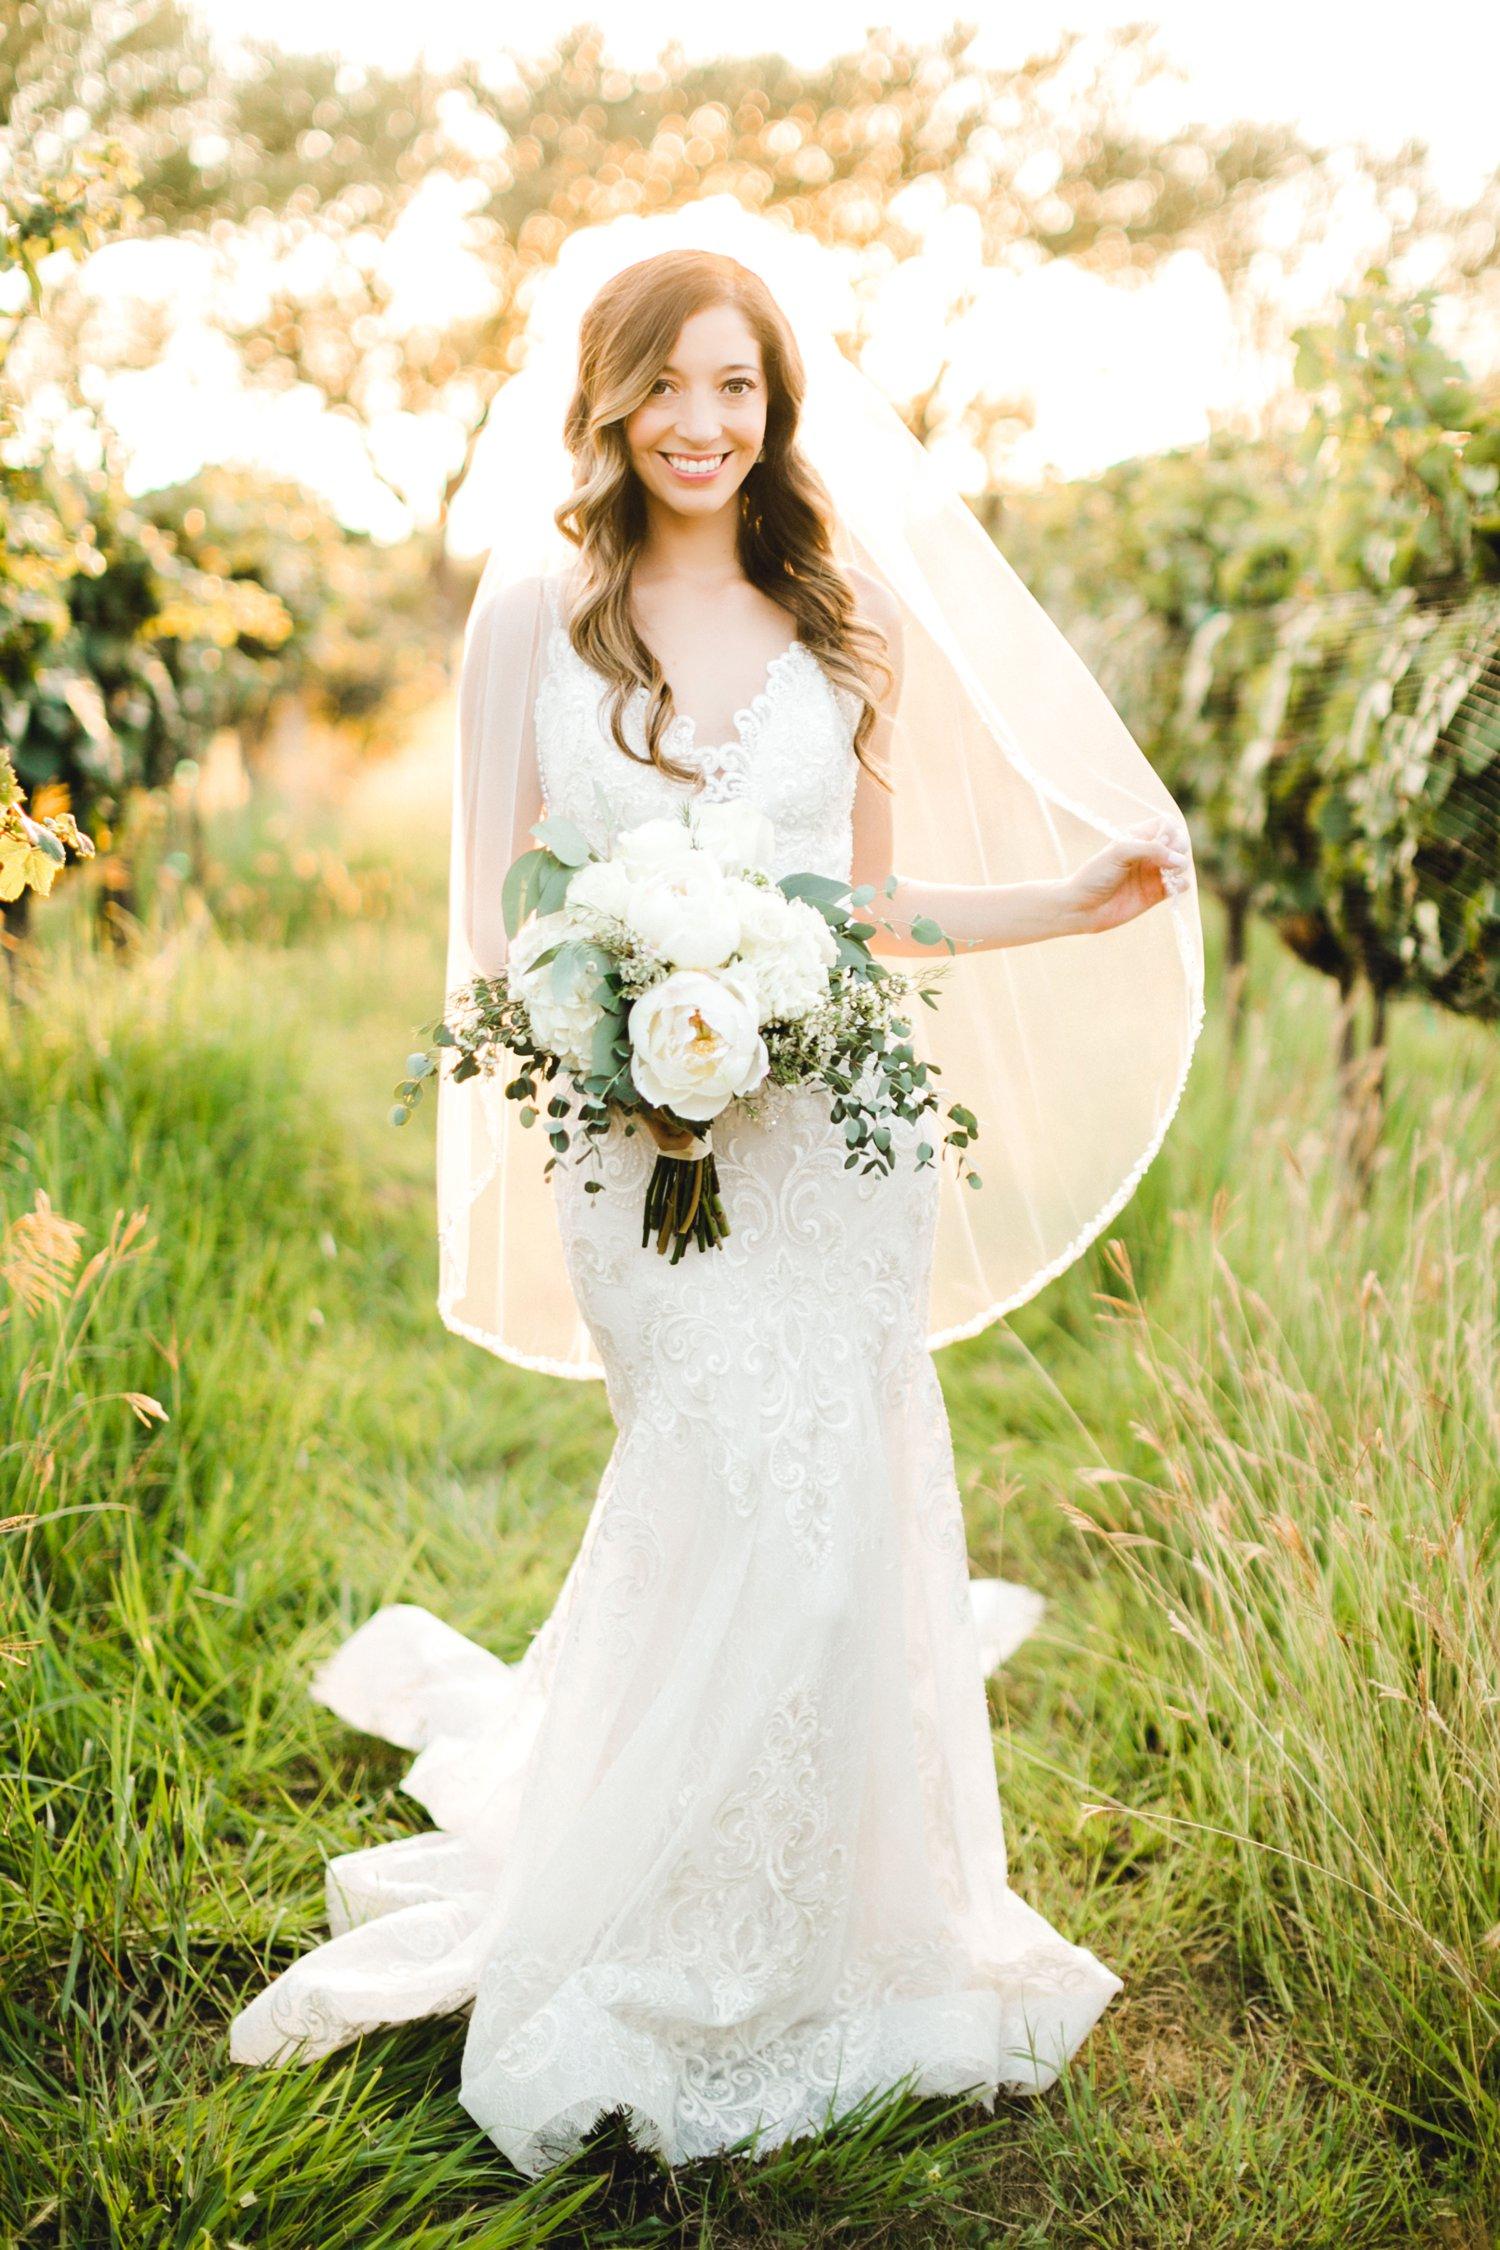 Ashley_Parr_Bridals_ALLEEJ_caprock_winery_romantic_elegant0018.jpg